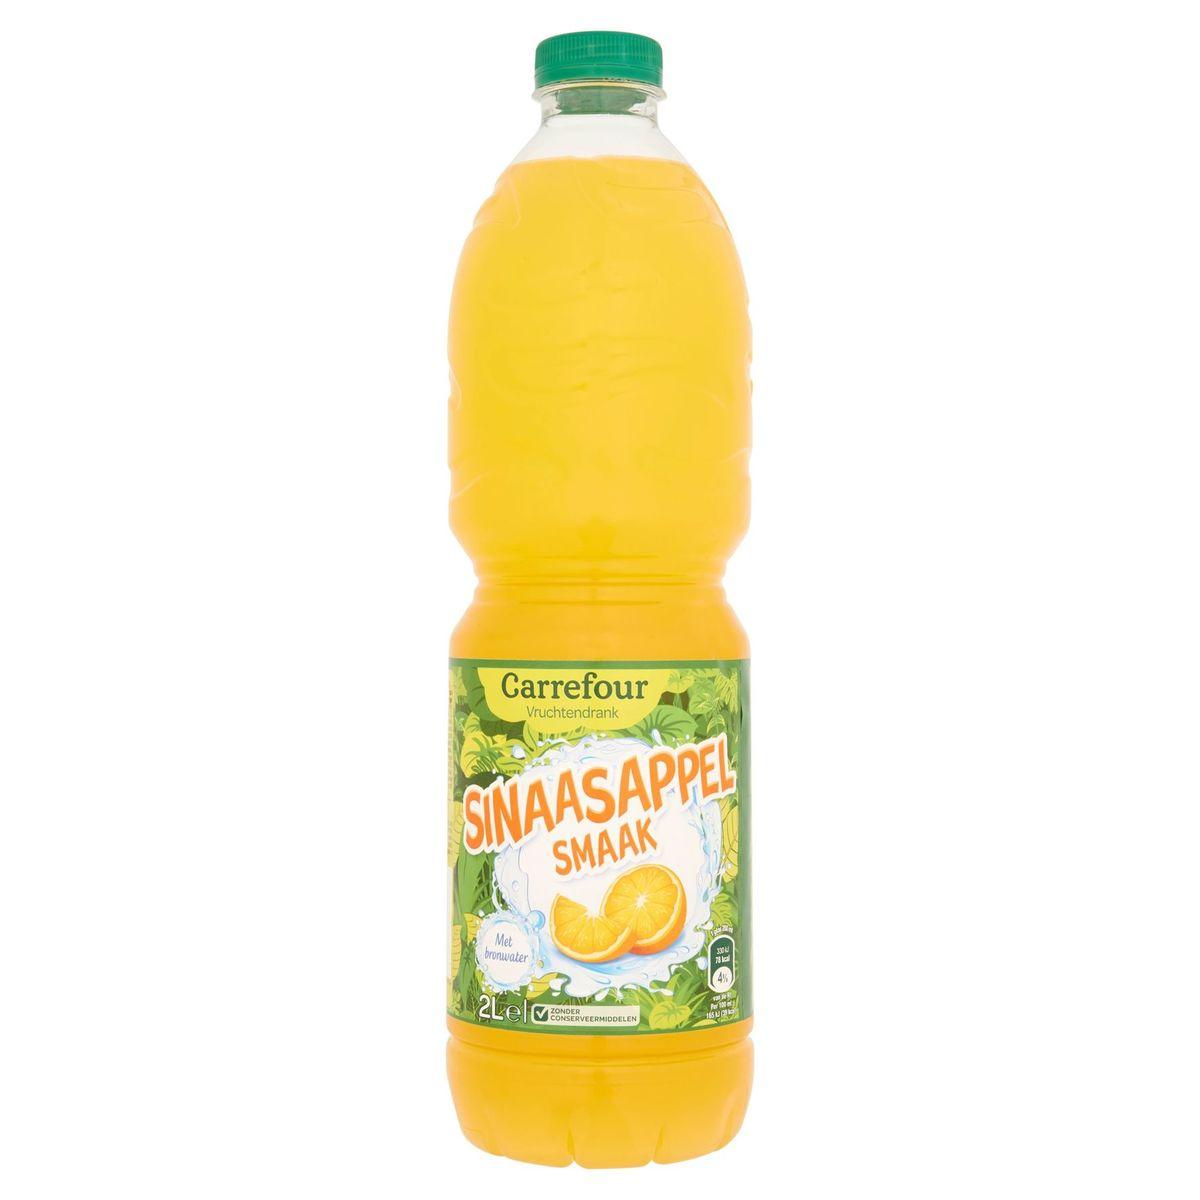 Carrefour Sinaasappelsmaak 2 L